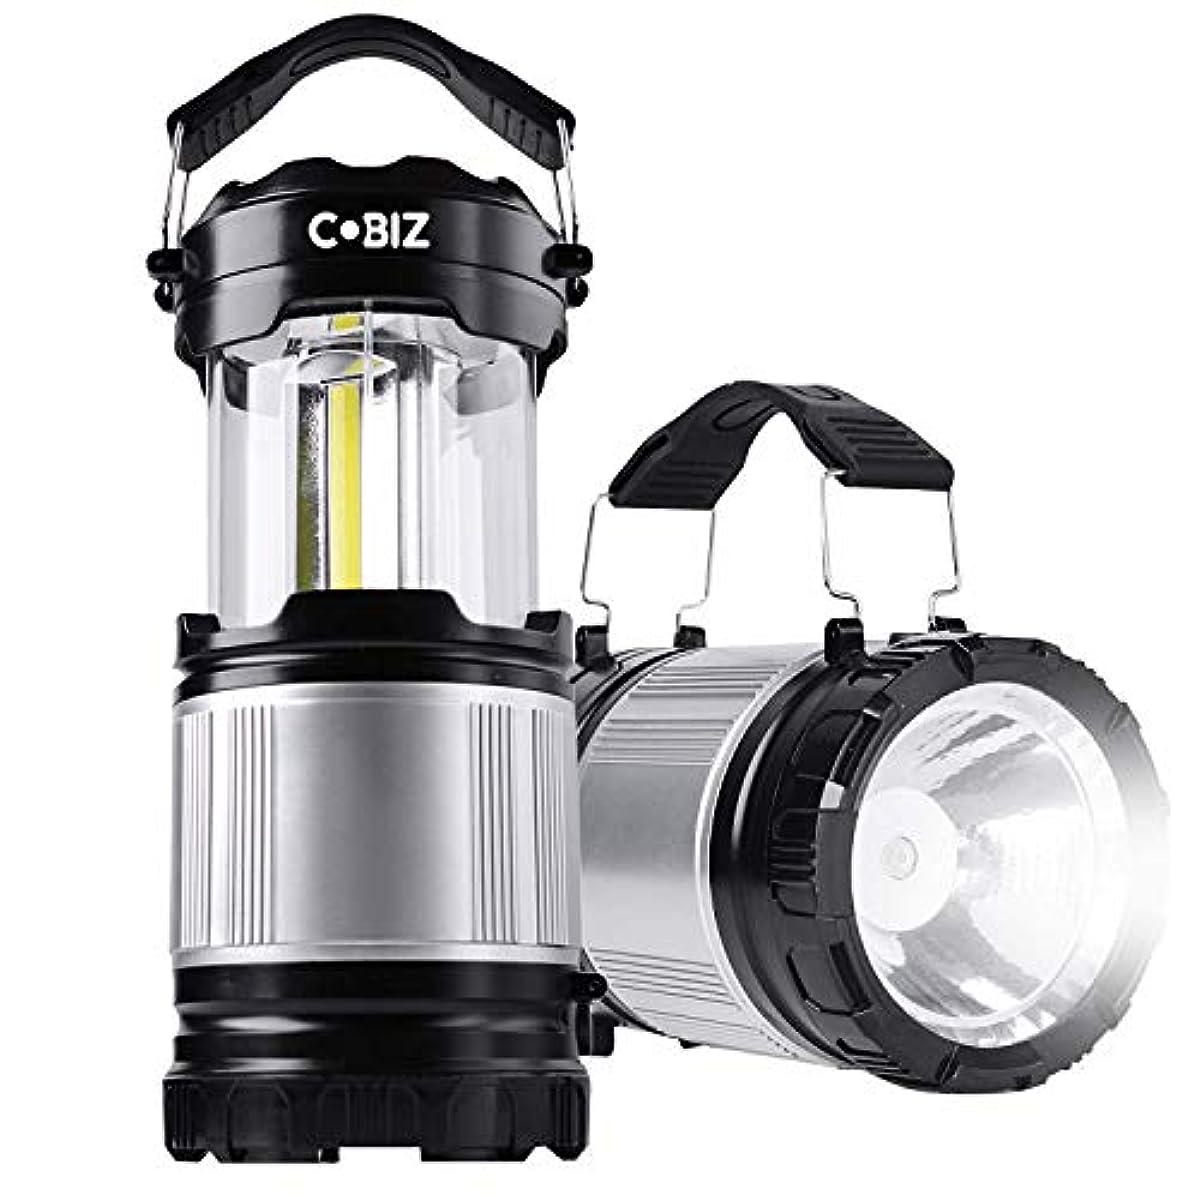 [해외] COBIZ LED랜턴 밝 휴대형 접는식 포터블 텐트 라이트 방수 사양 방재 대책 등산 밤낚시 하이킹 아웃도어 캠프용 2 개세트